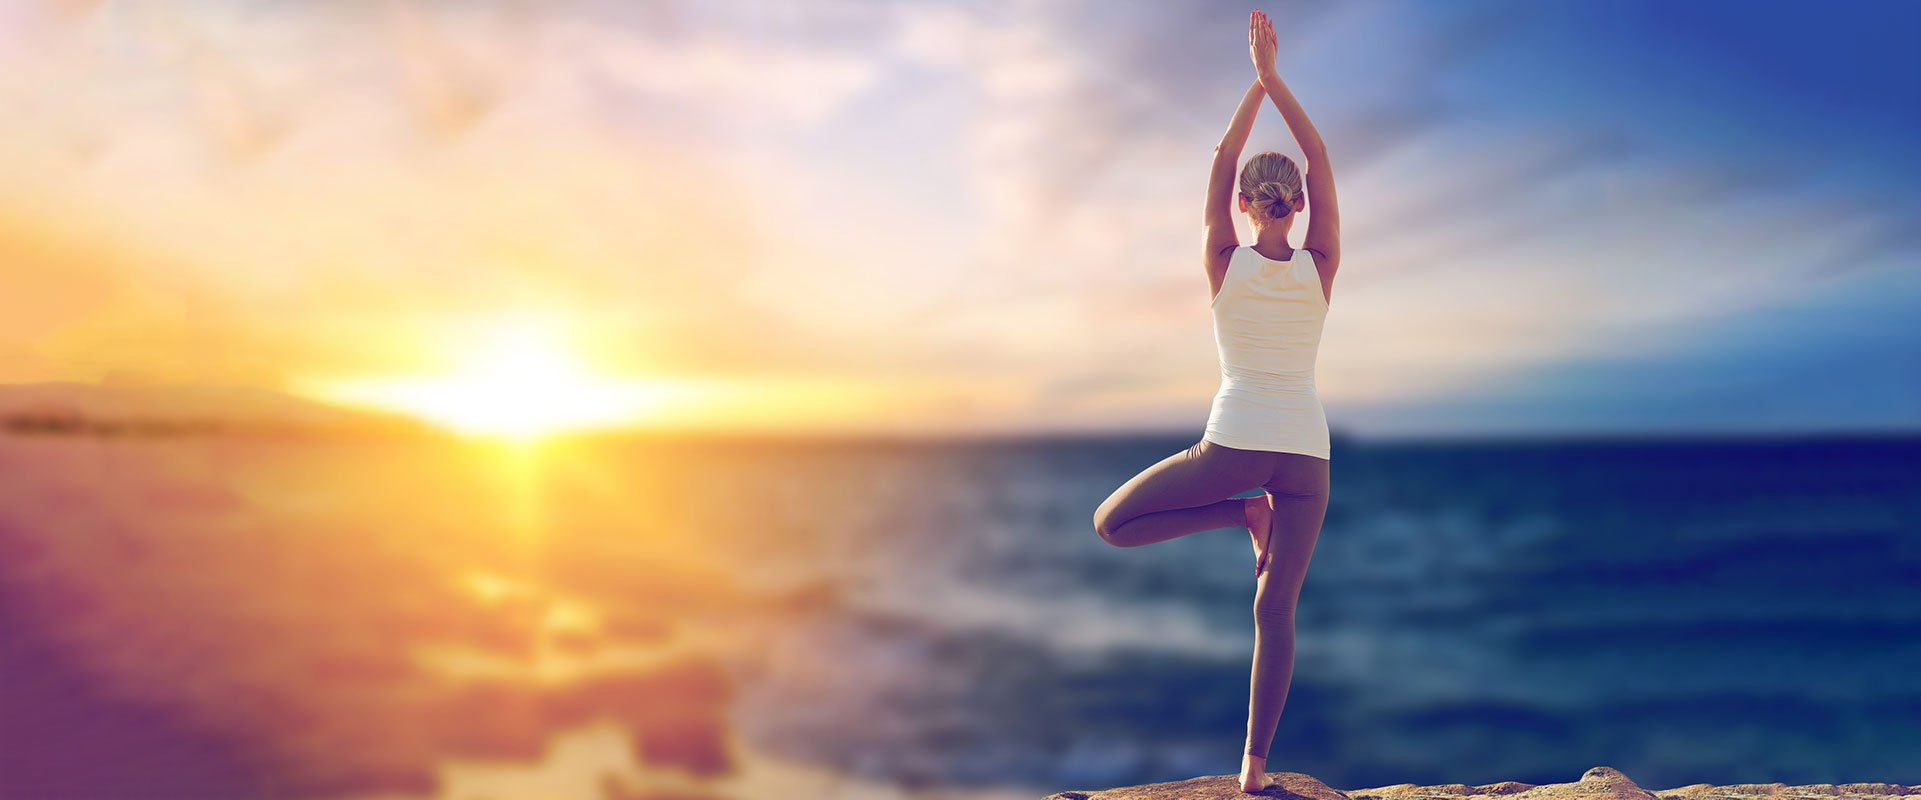 clases particulares de yoga a domicilio en Madrid